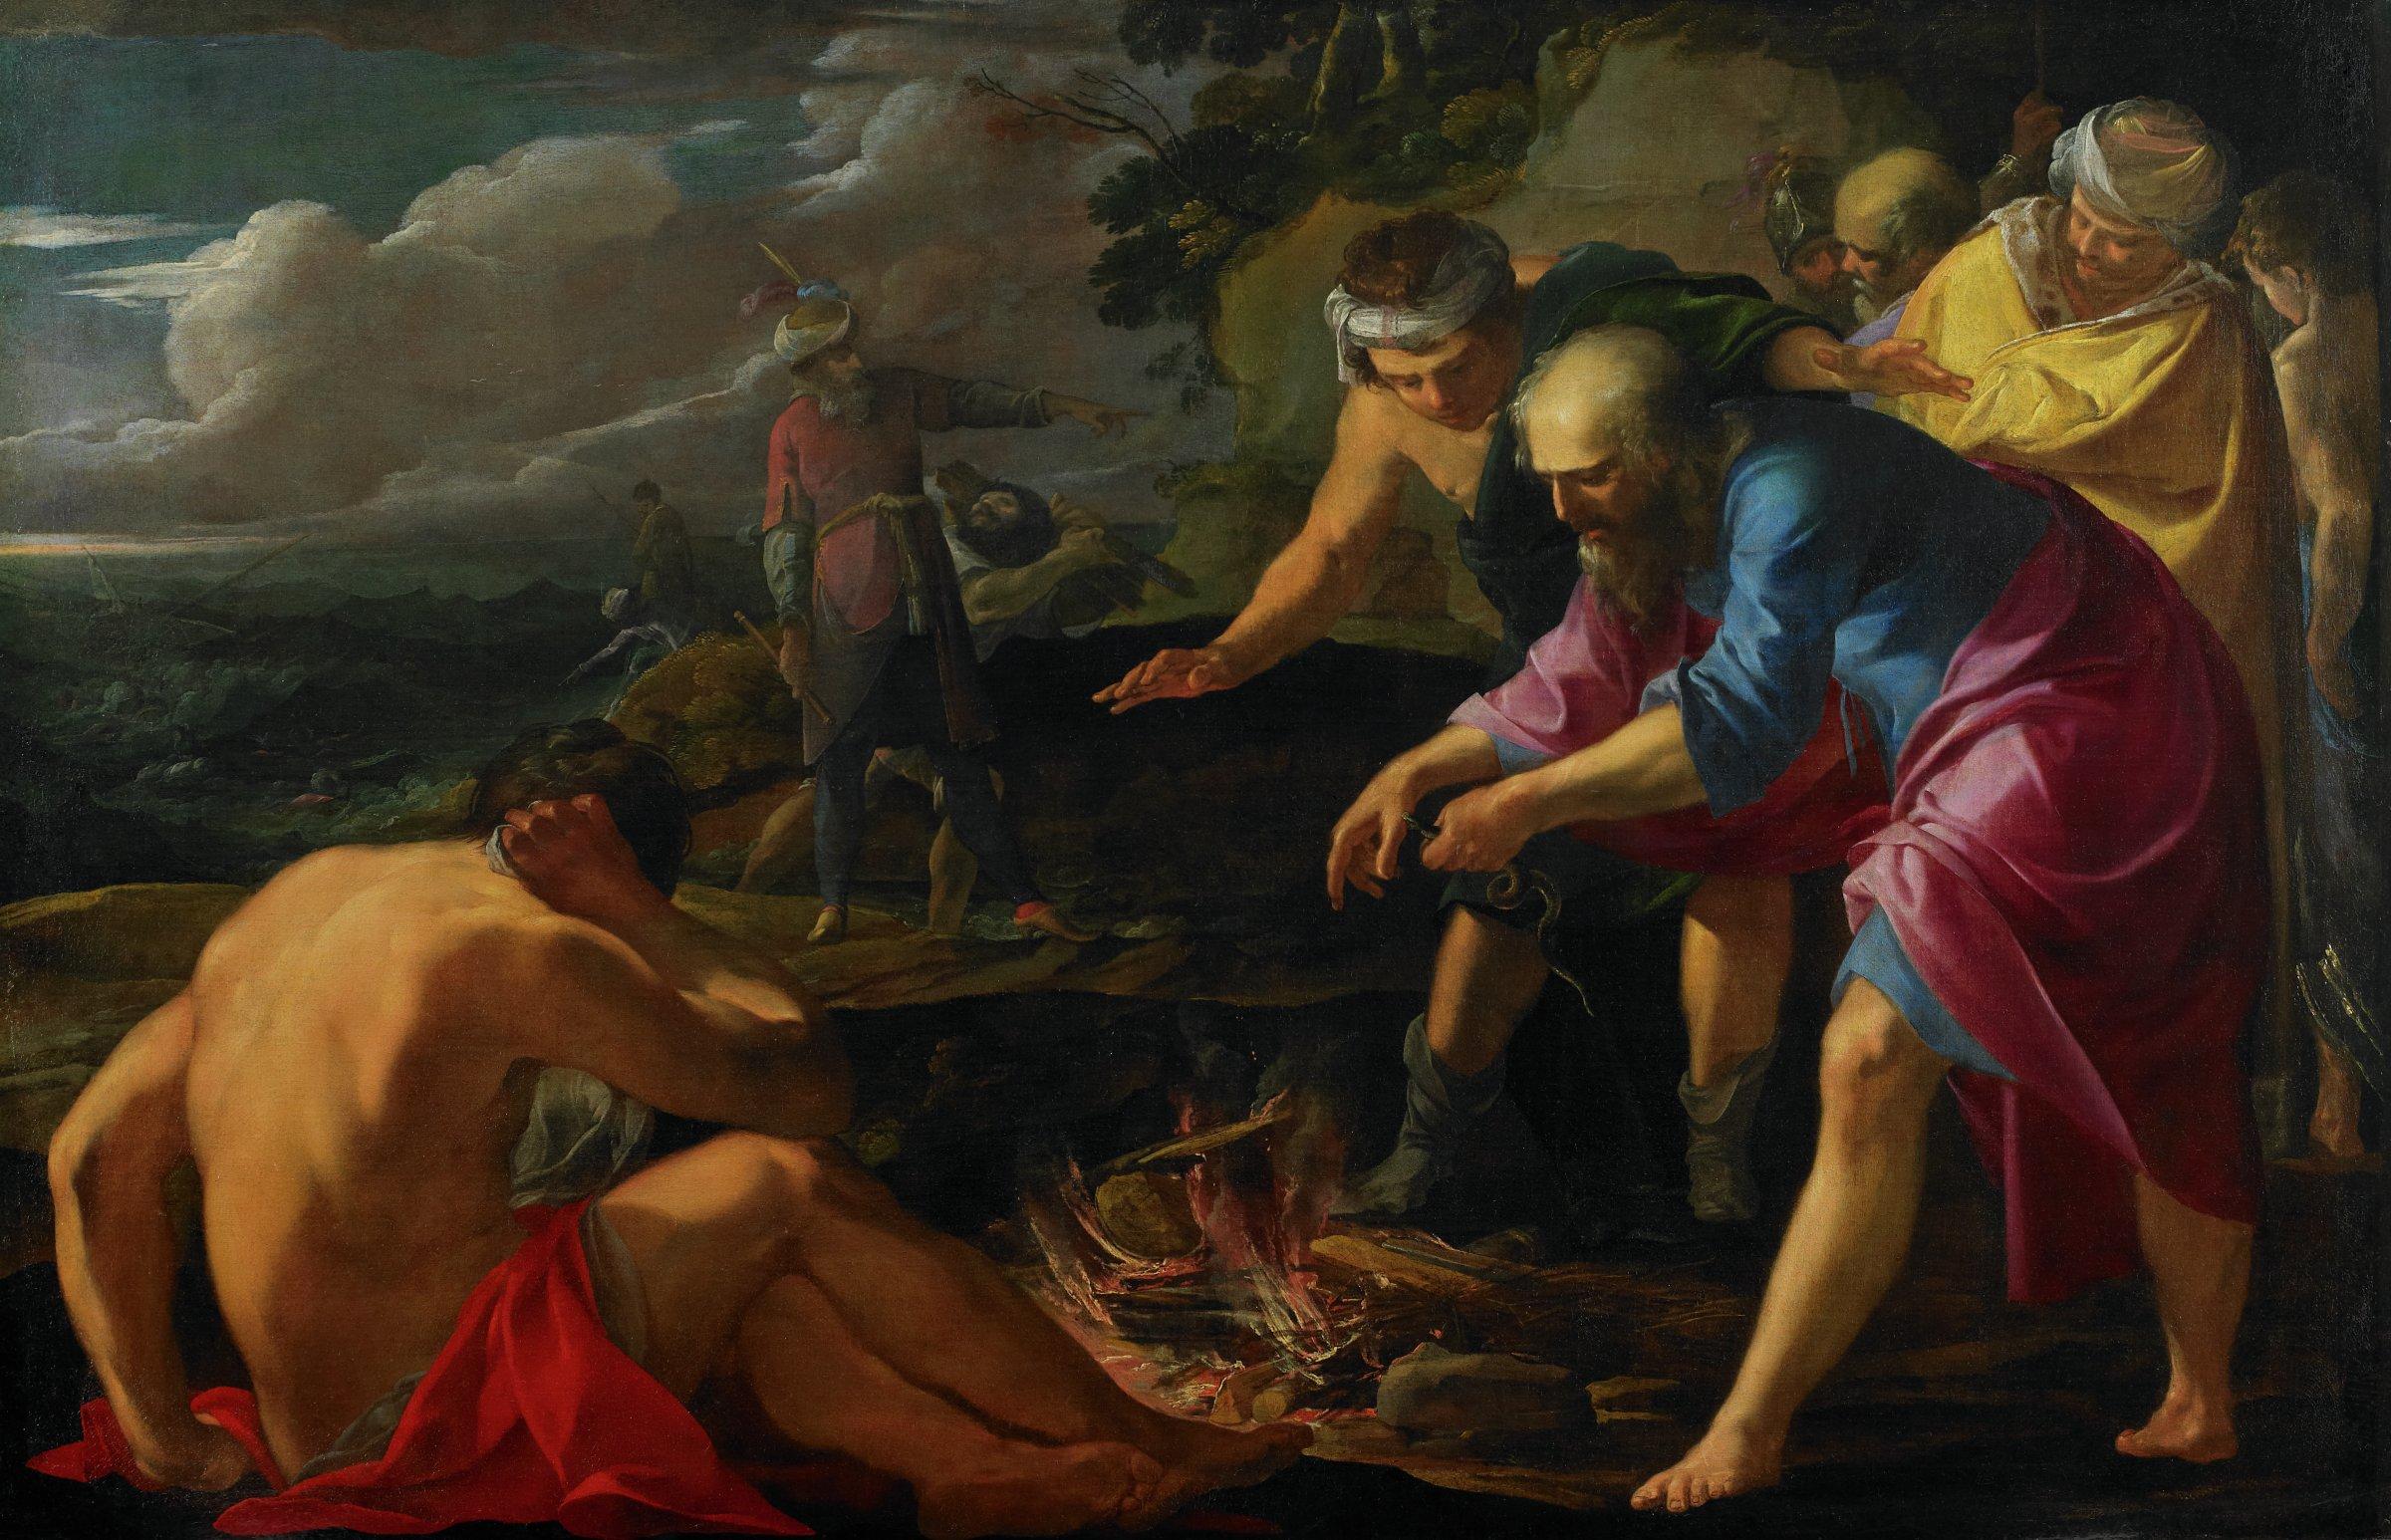 Saint Paul Shipwrecked on Malta, Laurent de La Hyre, oil on canvas